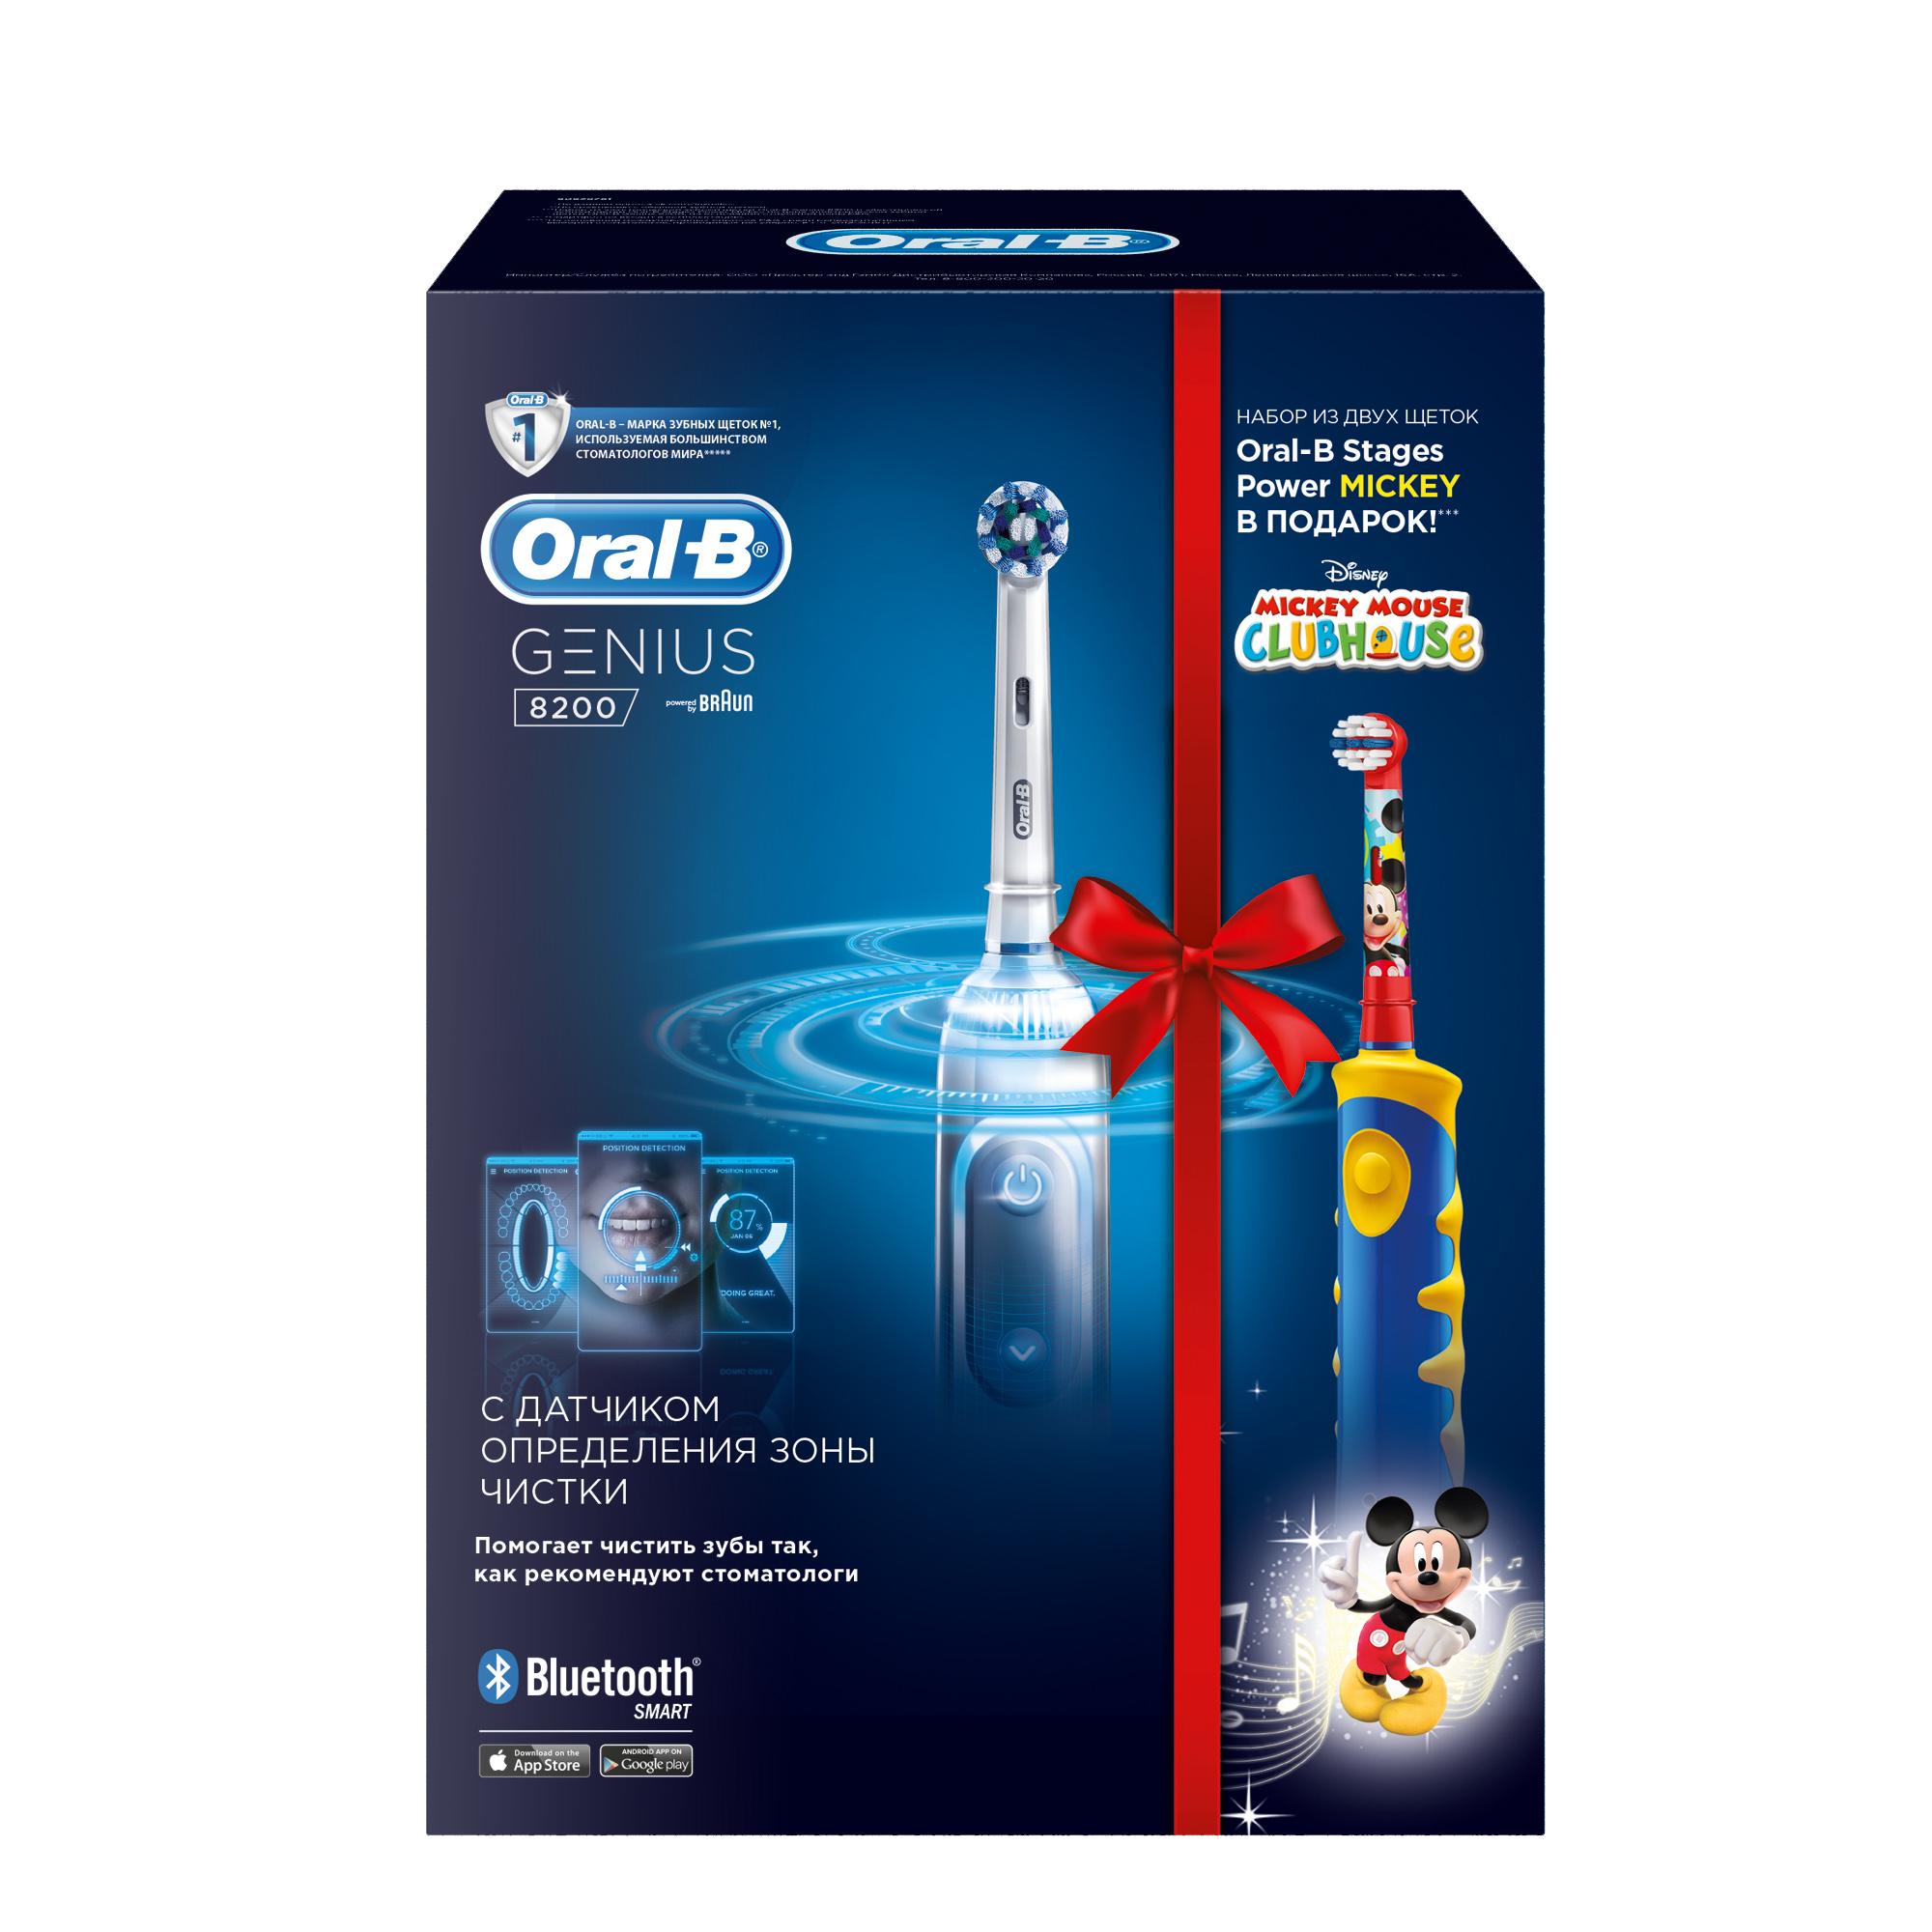 Электрическая зубная щетка Braun Oral B Genius